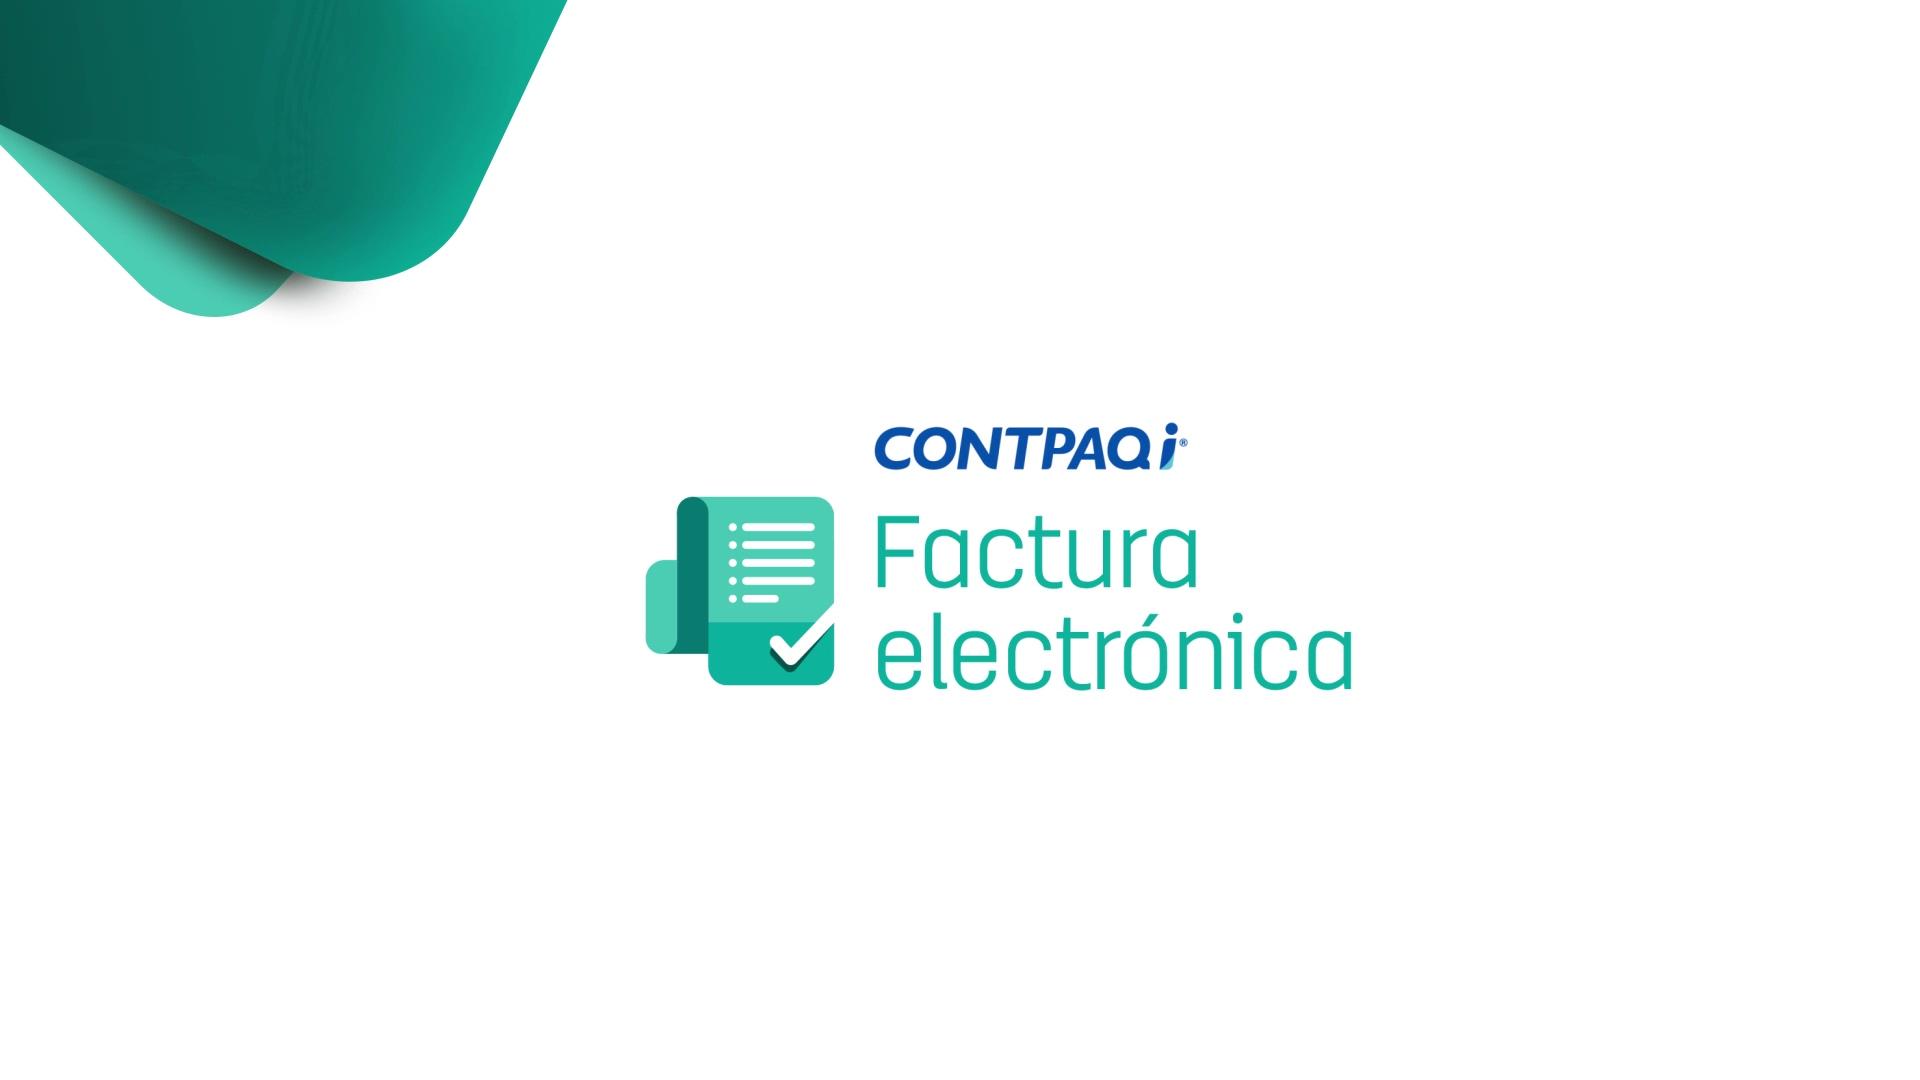 Contpaqi_ADemo_Factura_Electrónica